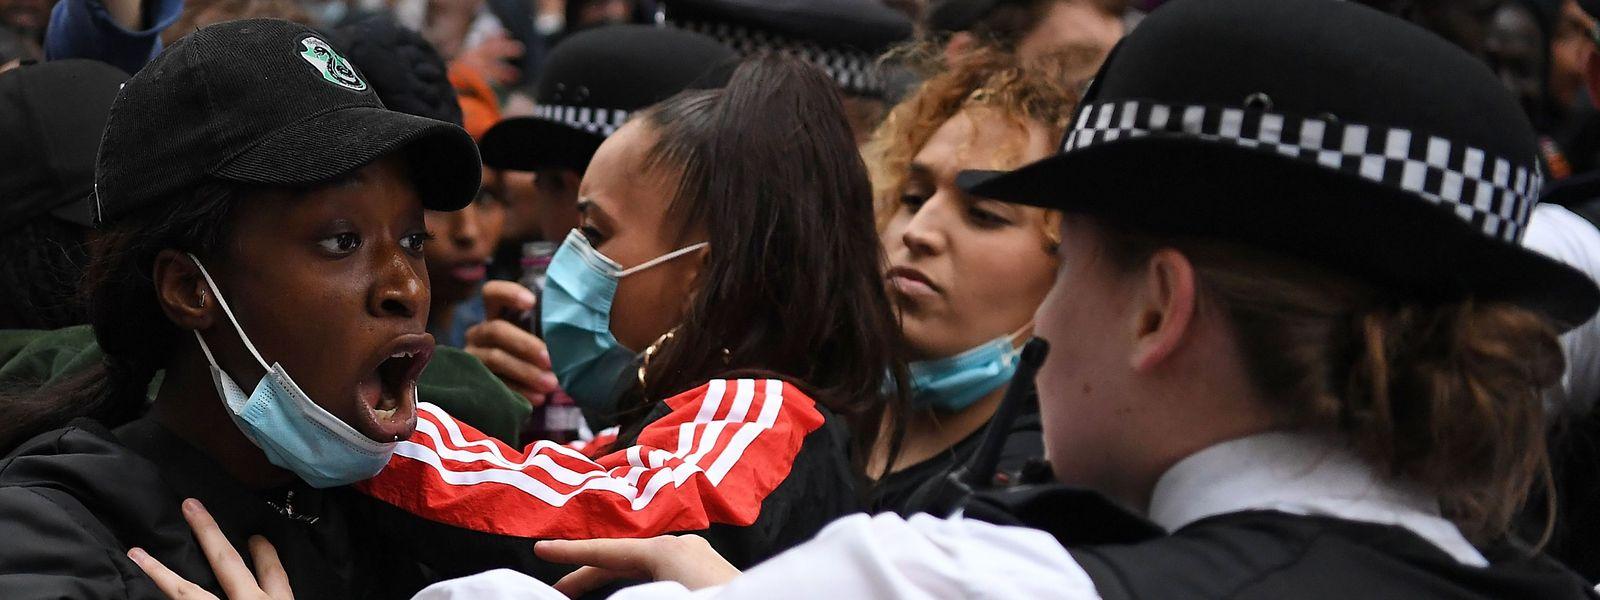 Nach dem Tod von George Floyd sind in den USA weitreichende Proteste ausgebrochen.